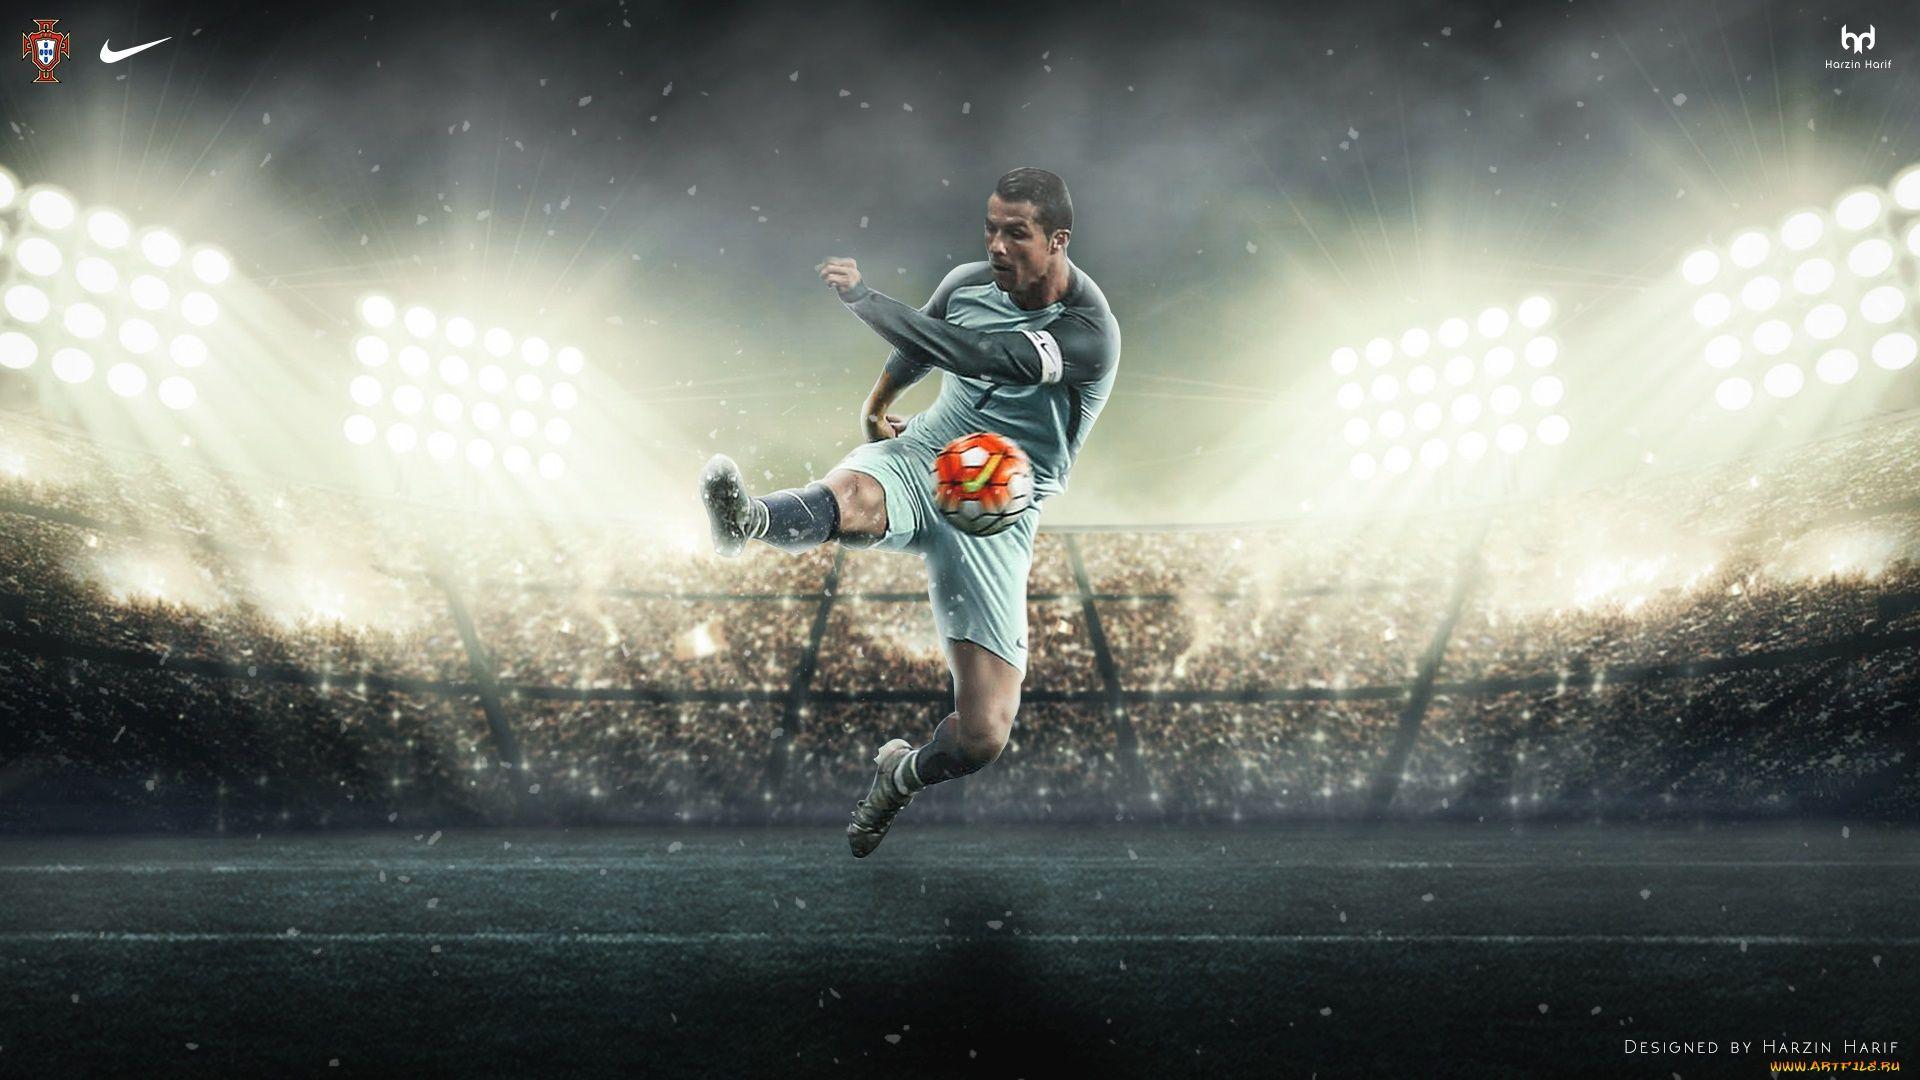 Cristiano Ronaldo Wallpaper For Iphone